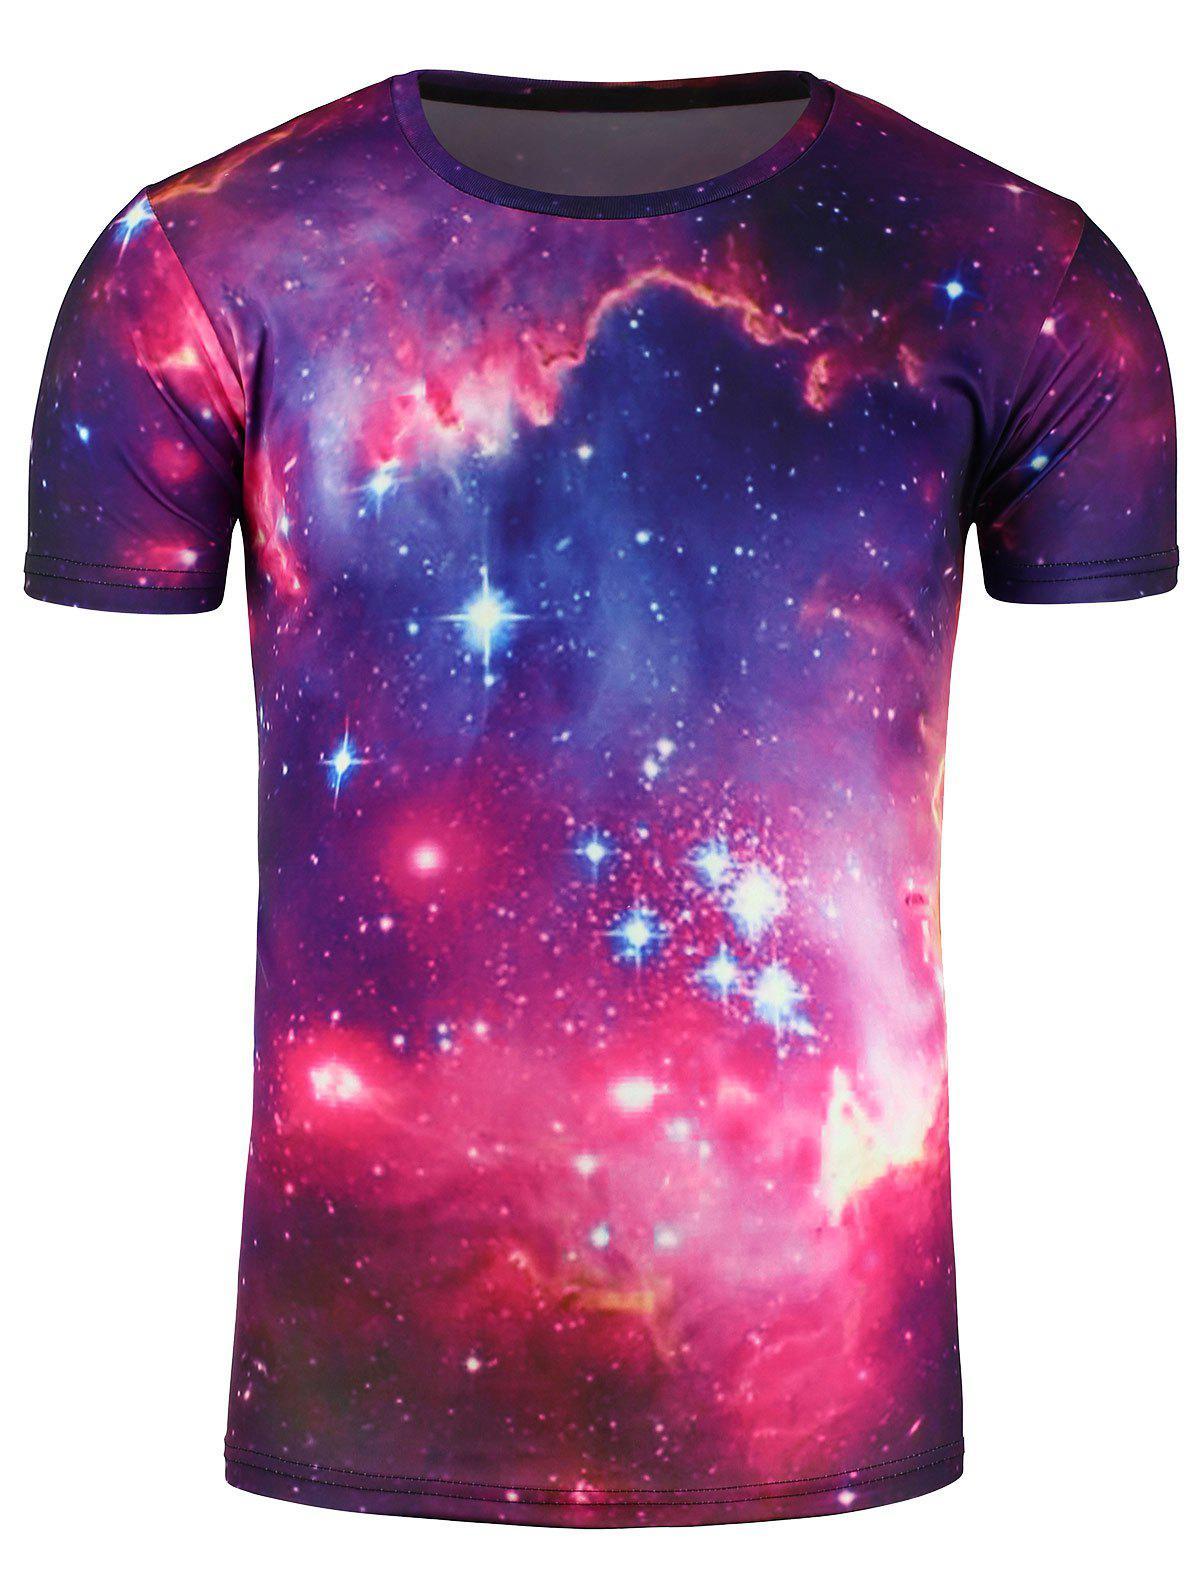 Ras du cou imprimé Galaxy 3D T-shirt